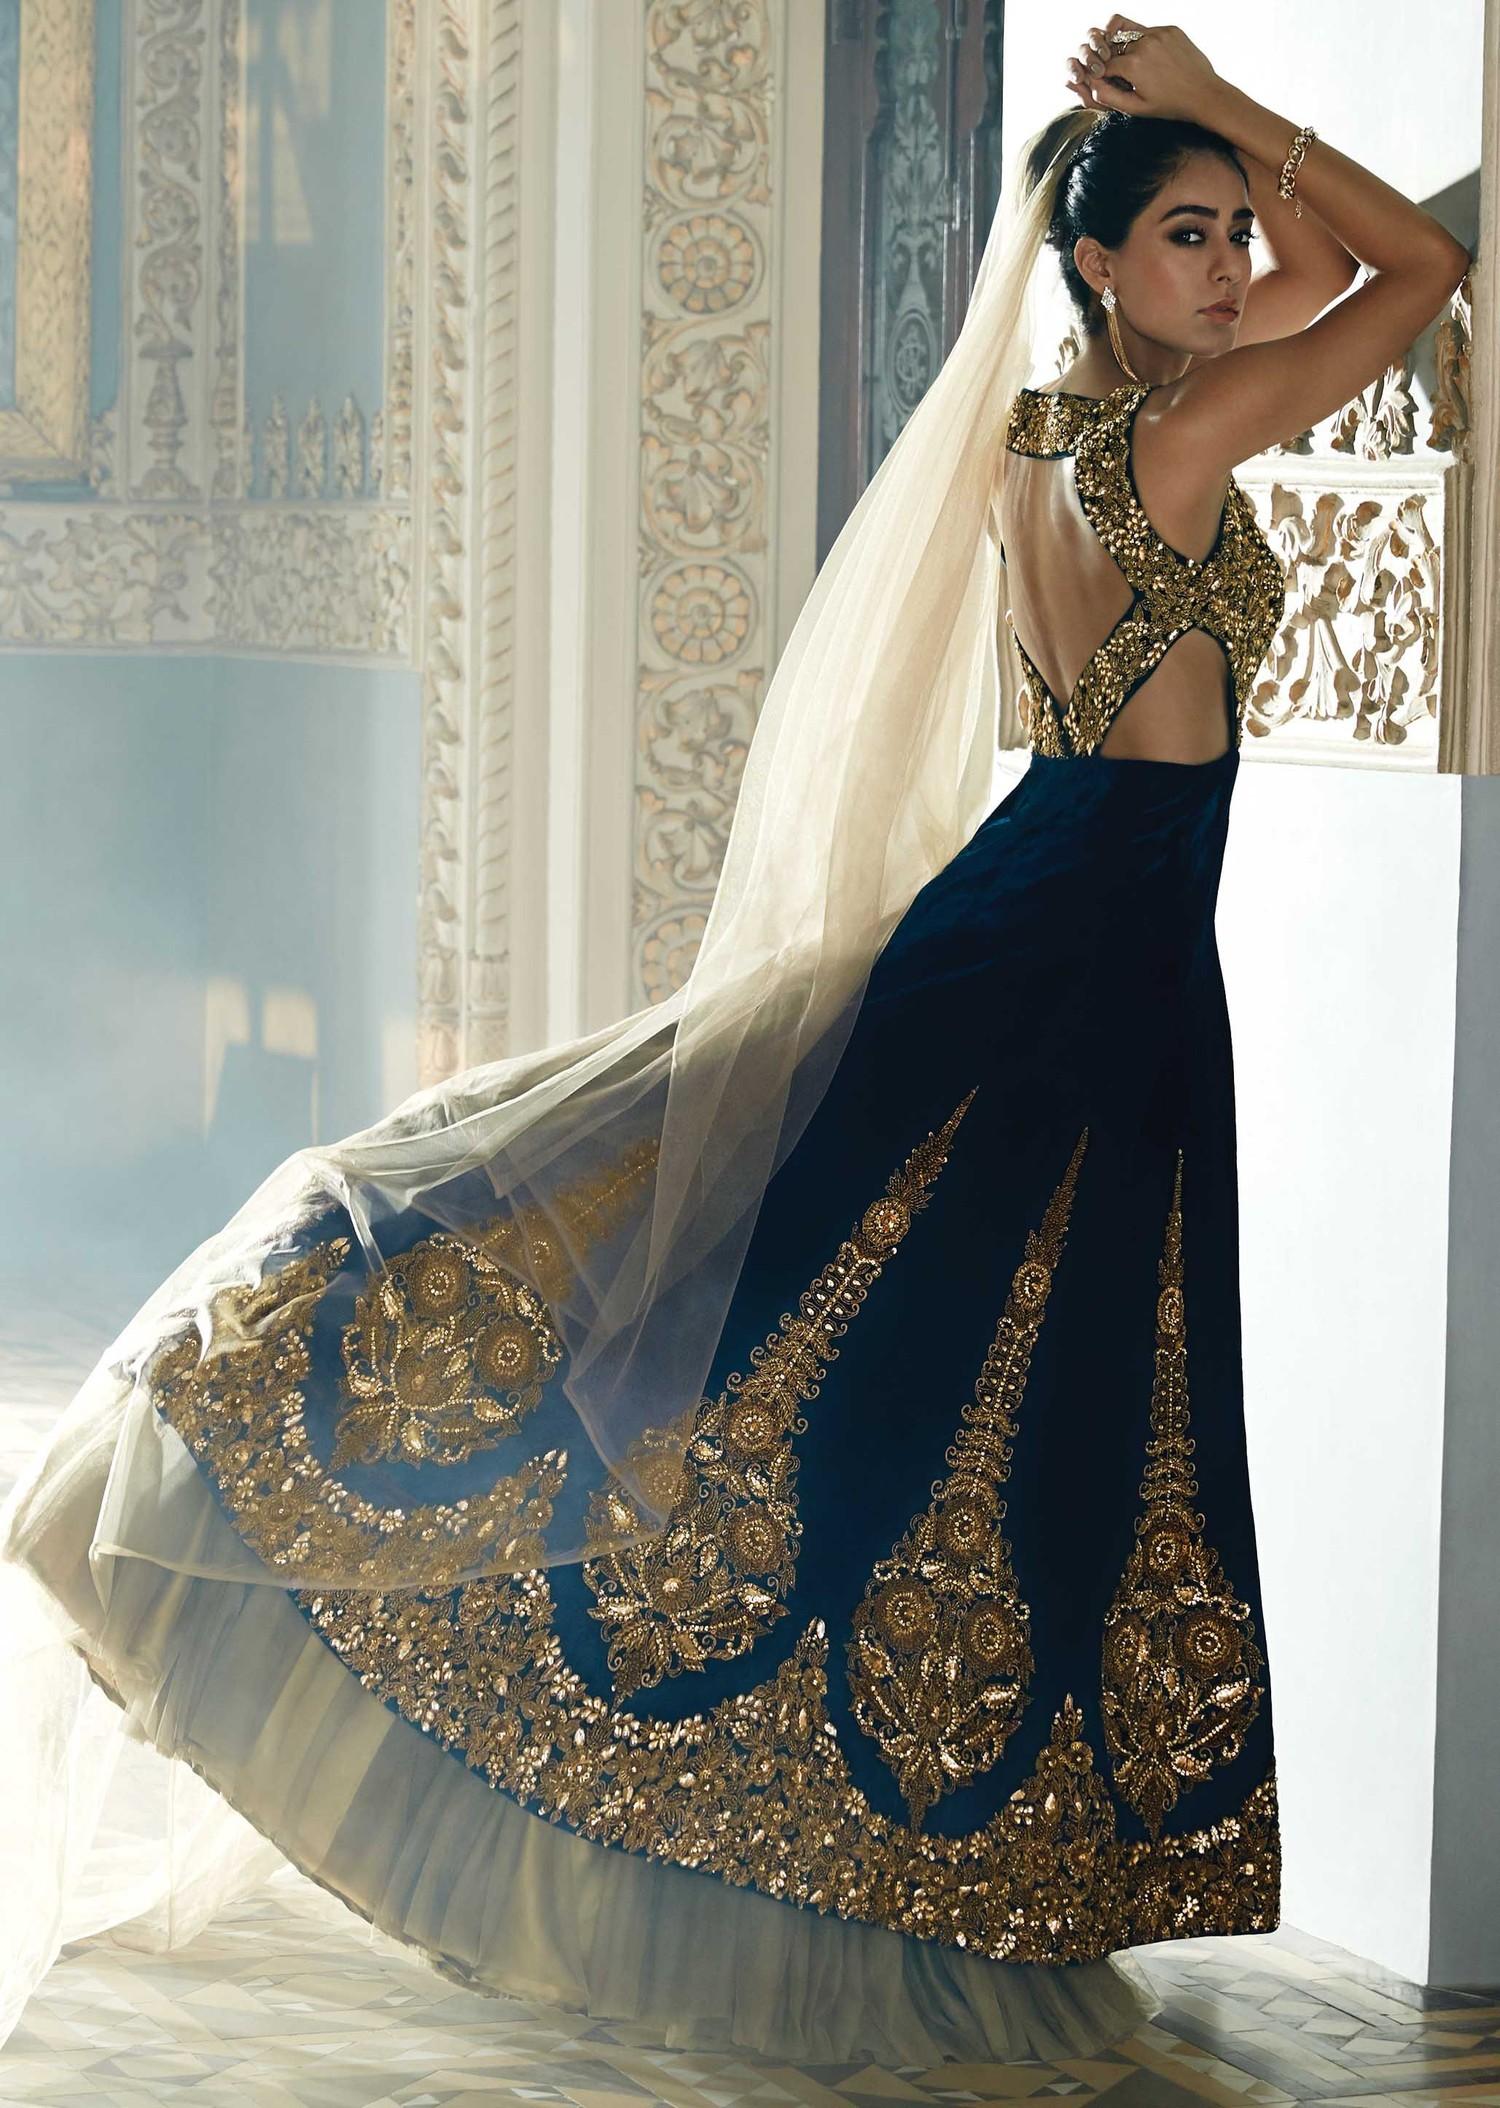 Indian Bridal Hair & Make-up — Simis Hair and Beauty Salon